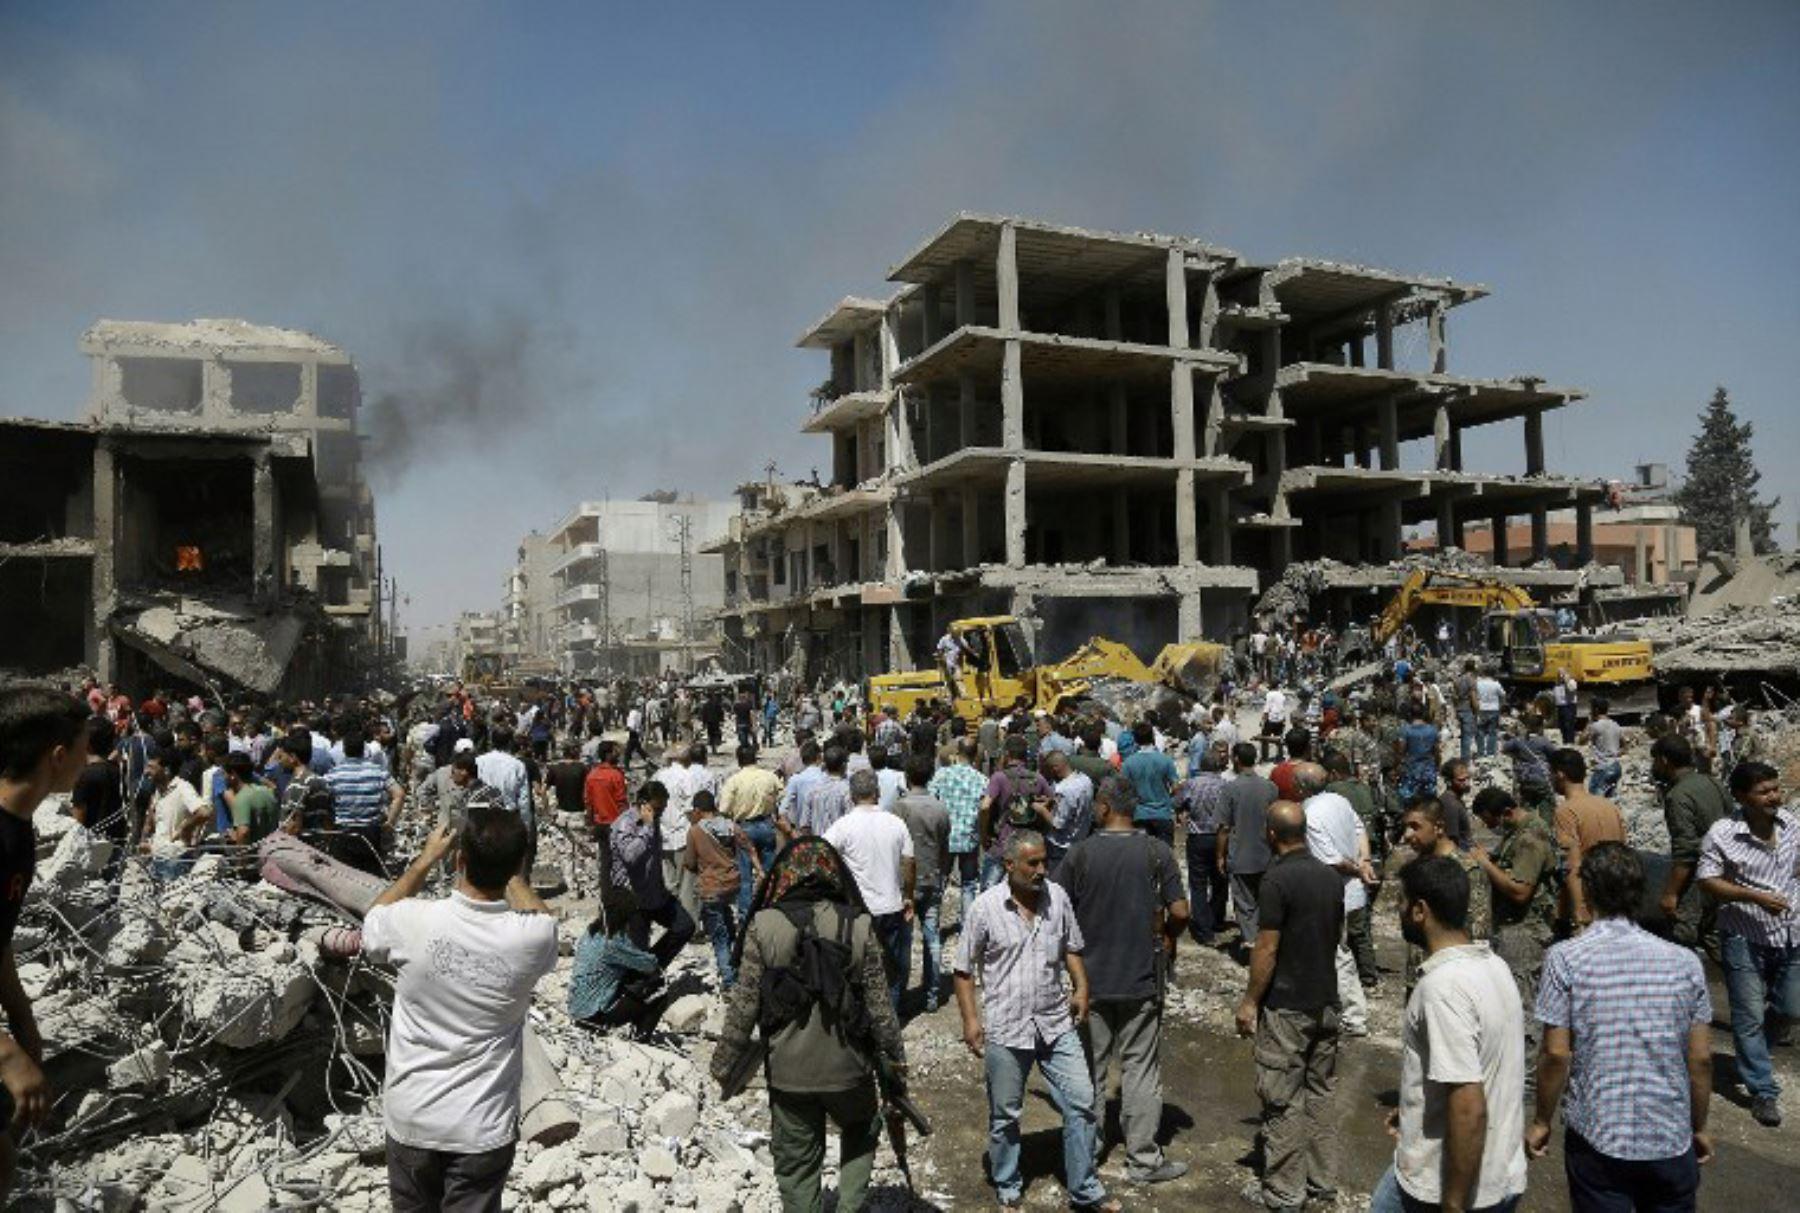 Un ataque doble bomba mató al menos 14 personas, en el noreste de Siria. Foto: AFP